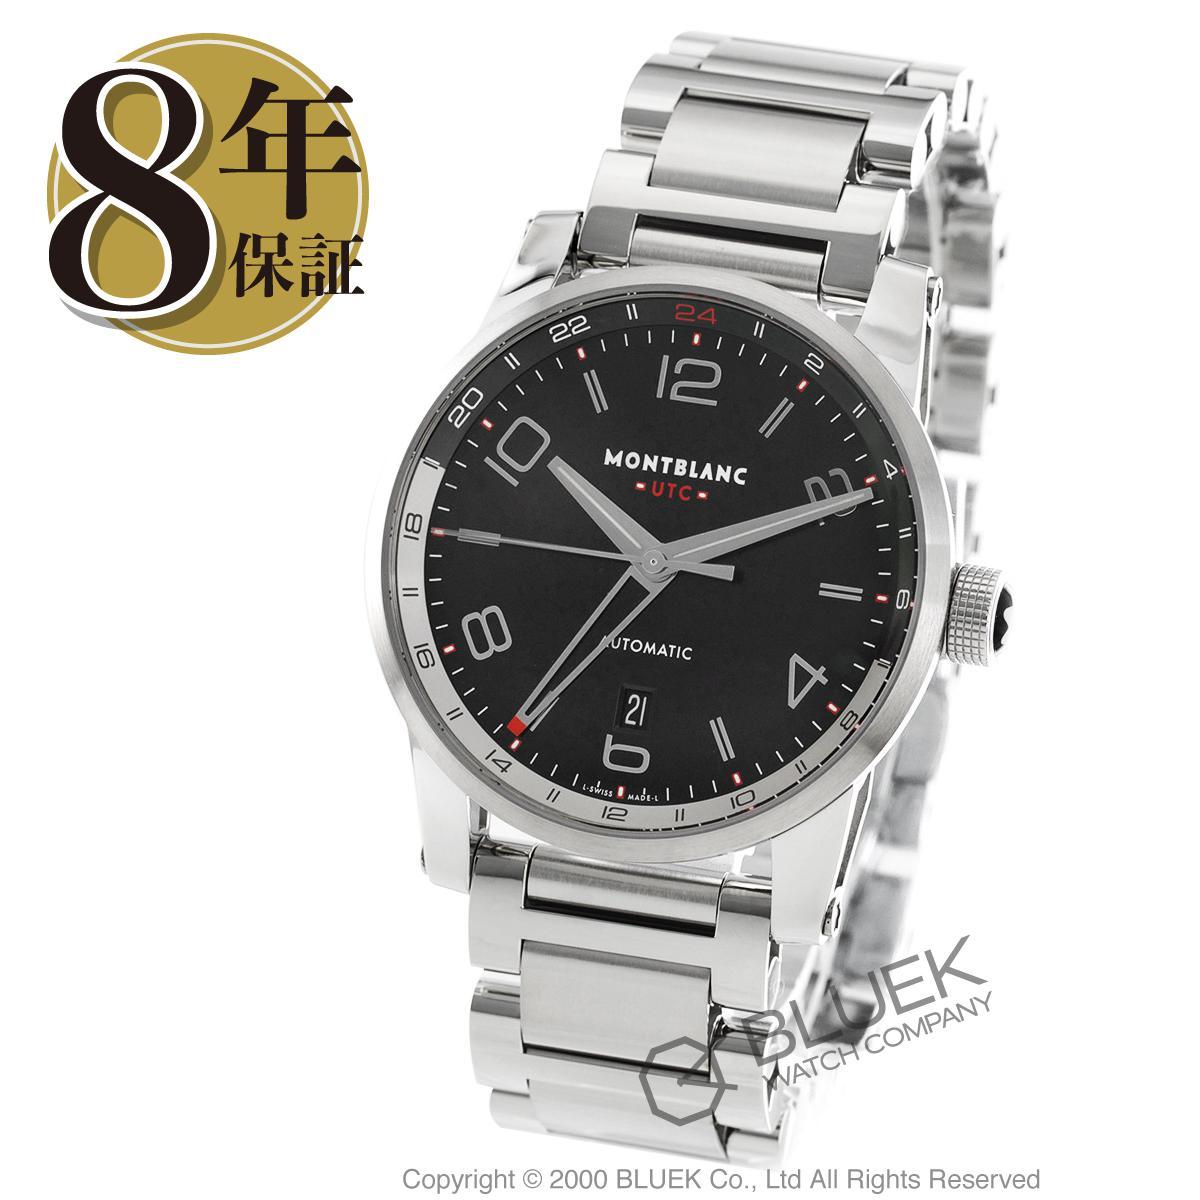 【最大3万円割引クーポン 11/01~】モンブラン タイムウォーカー ボイジャー UTC 腕時計 メンズ MONTBLANC 109135_8